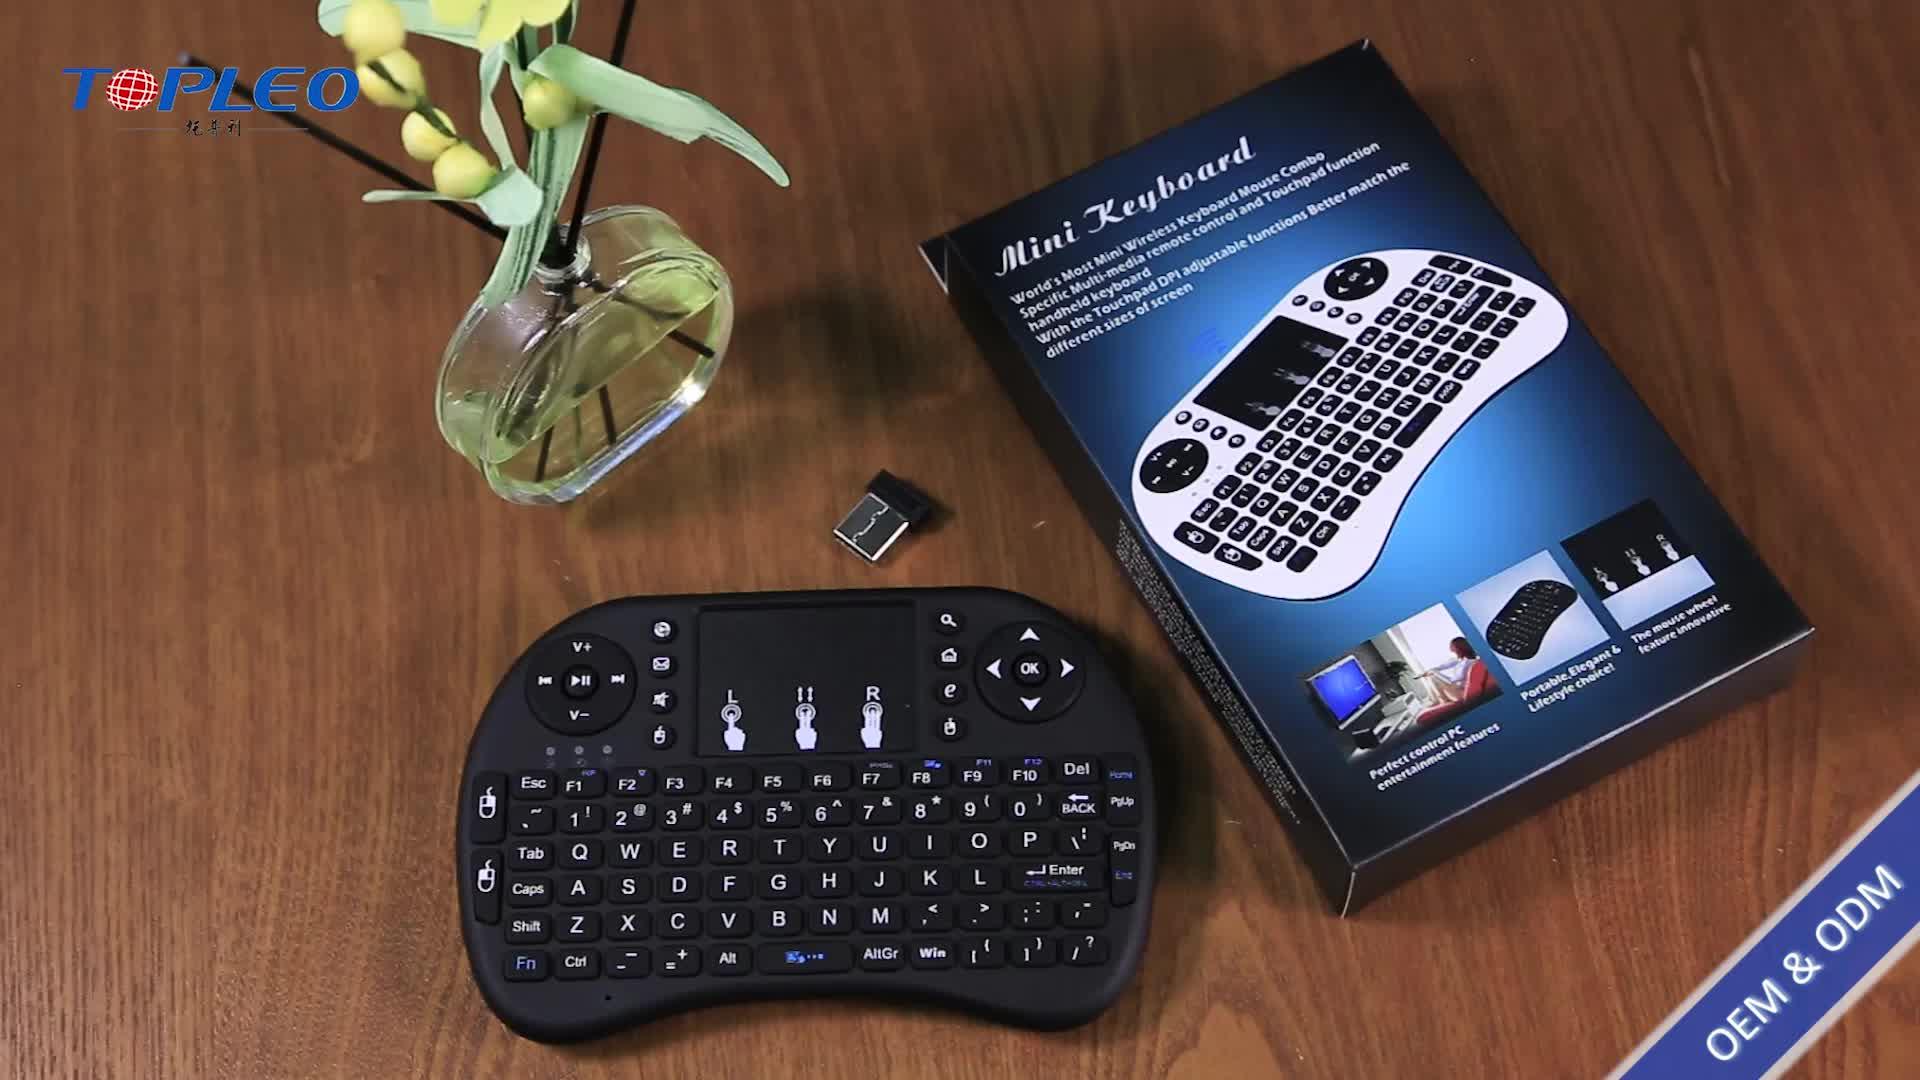 כללי mini עבור אנדרואיד הטלוויזיה box מקלדת i8 עכבר עם משטח מגע